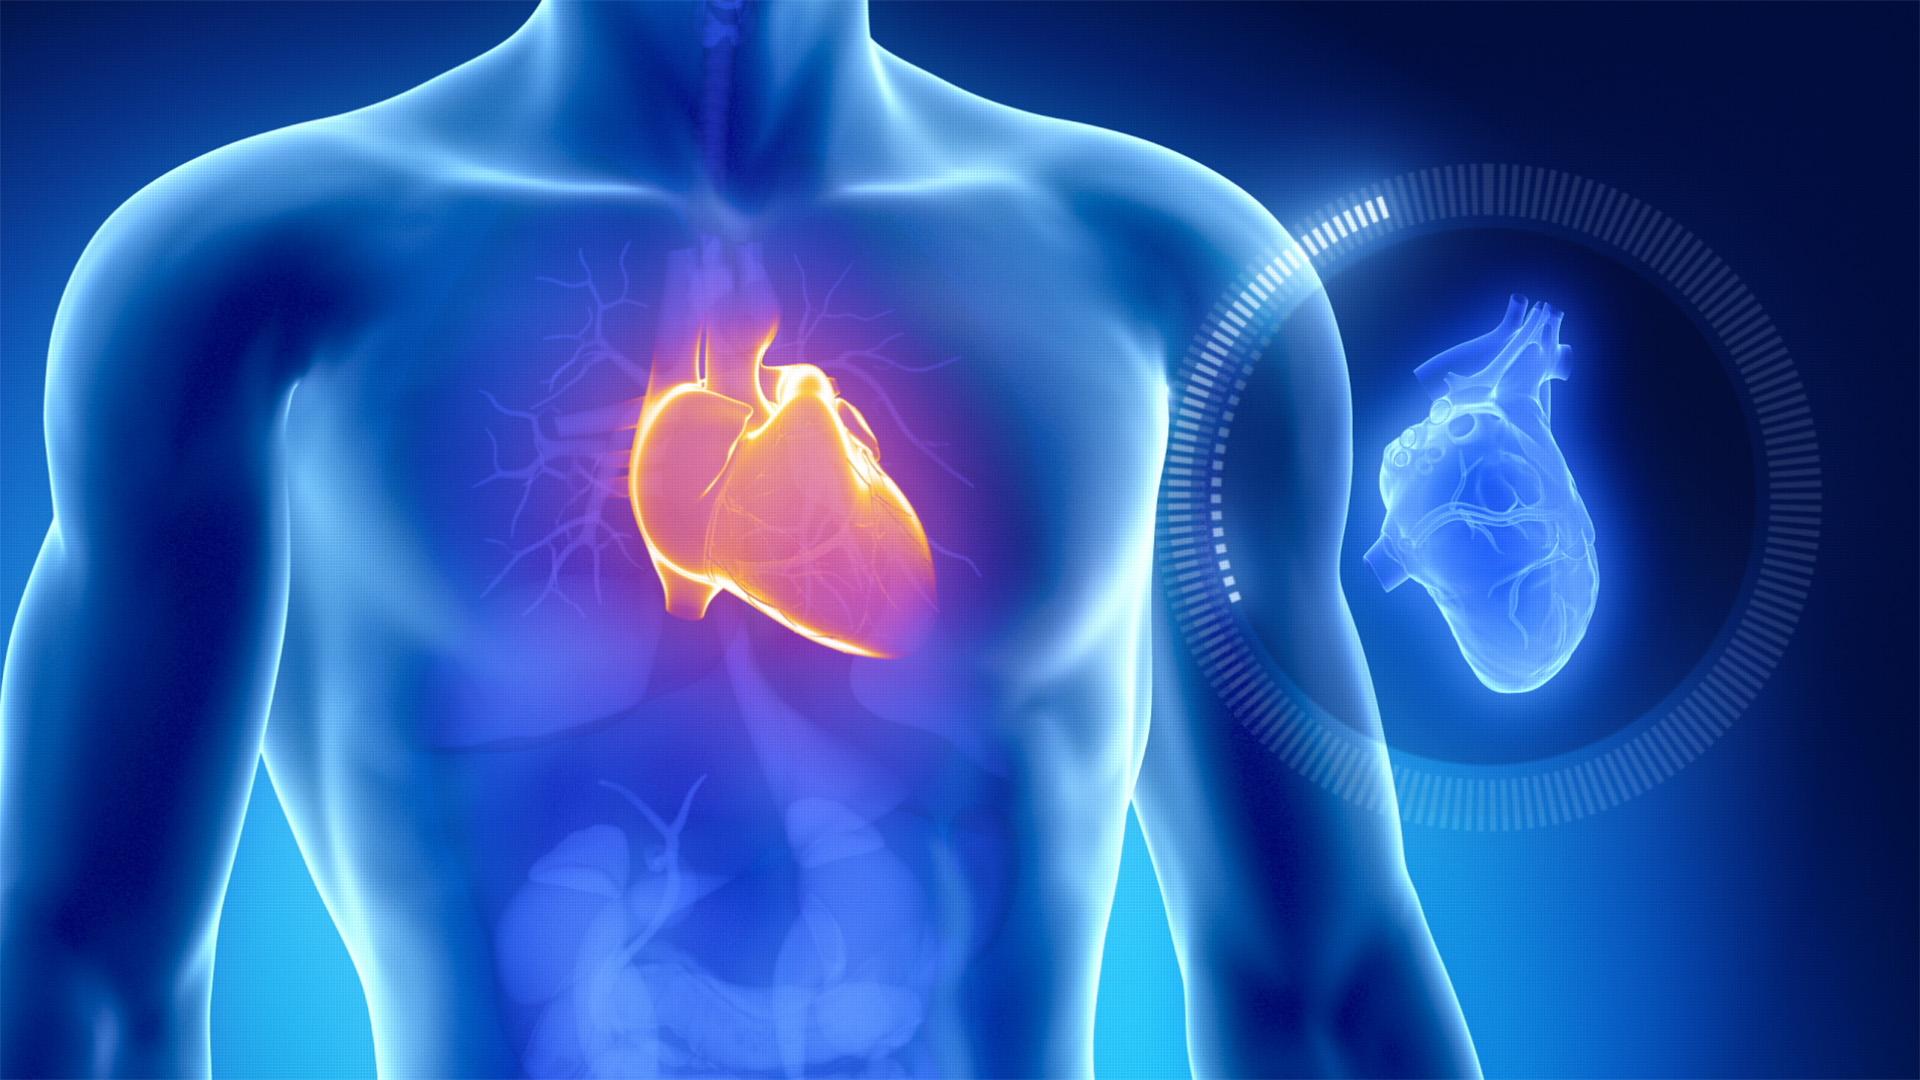 वायु प्रदूषणले बालबालिकामा उच्च रक्तचाप र मुटुको रोग बढाउछ  : अध्ययन